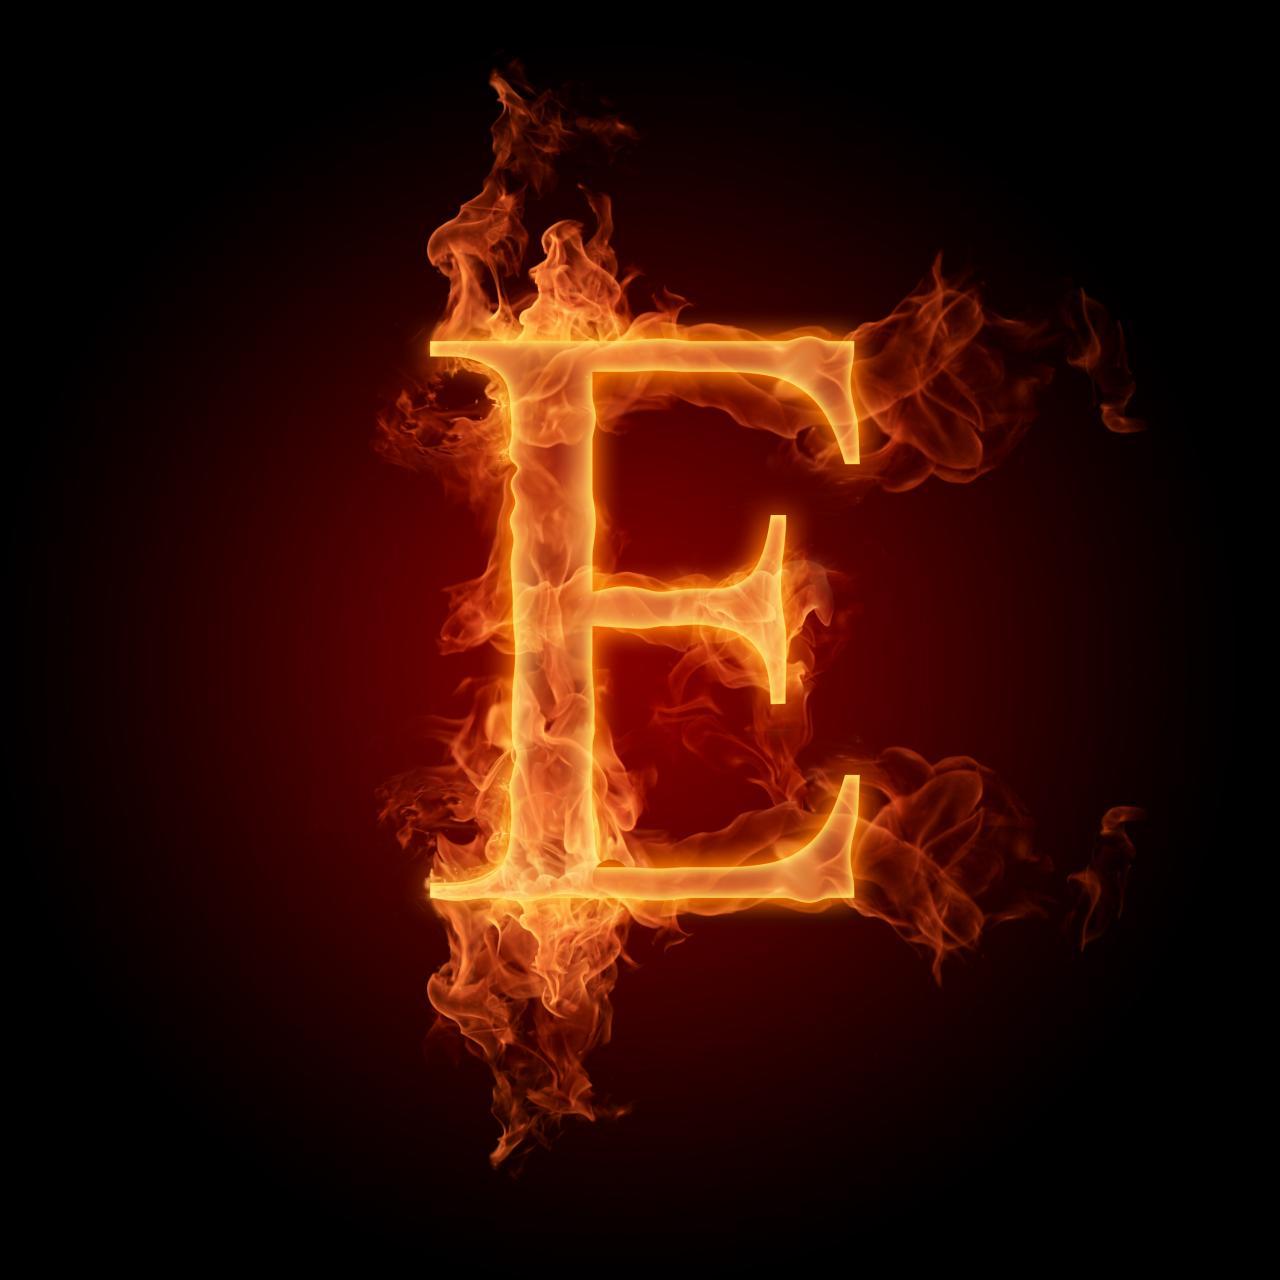 صورة صور حرفe , اجمل صور الحروف حرف e